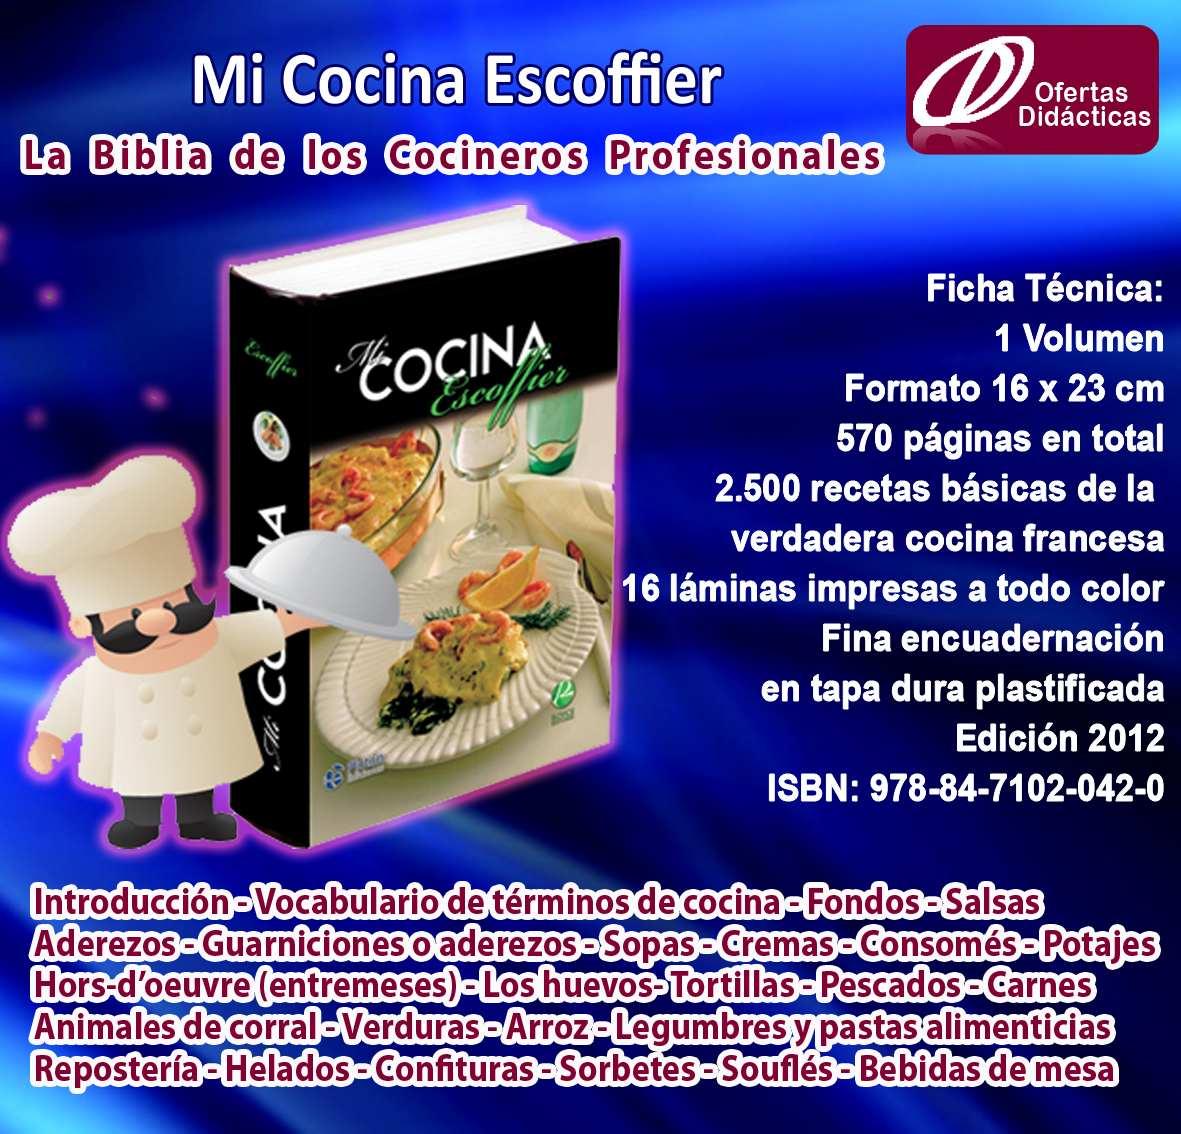 Mi cocina escoffier la biblia del cocinero profesional for Auguste escoffier ma cuisine book